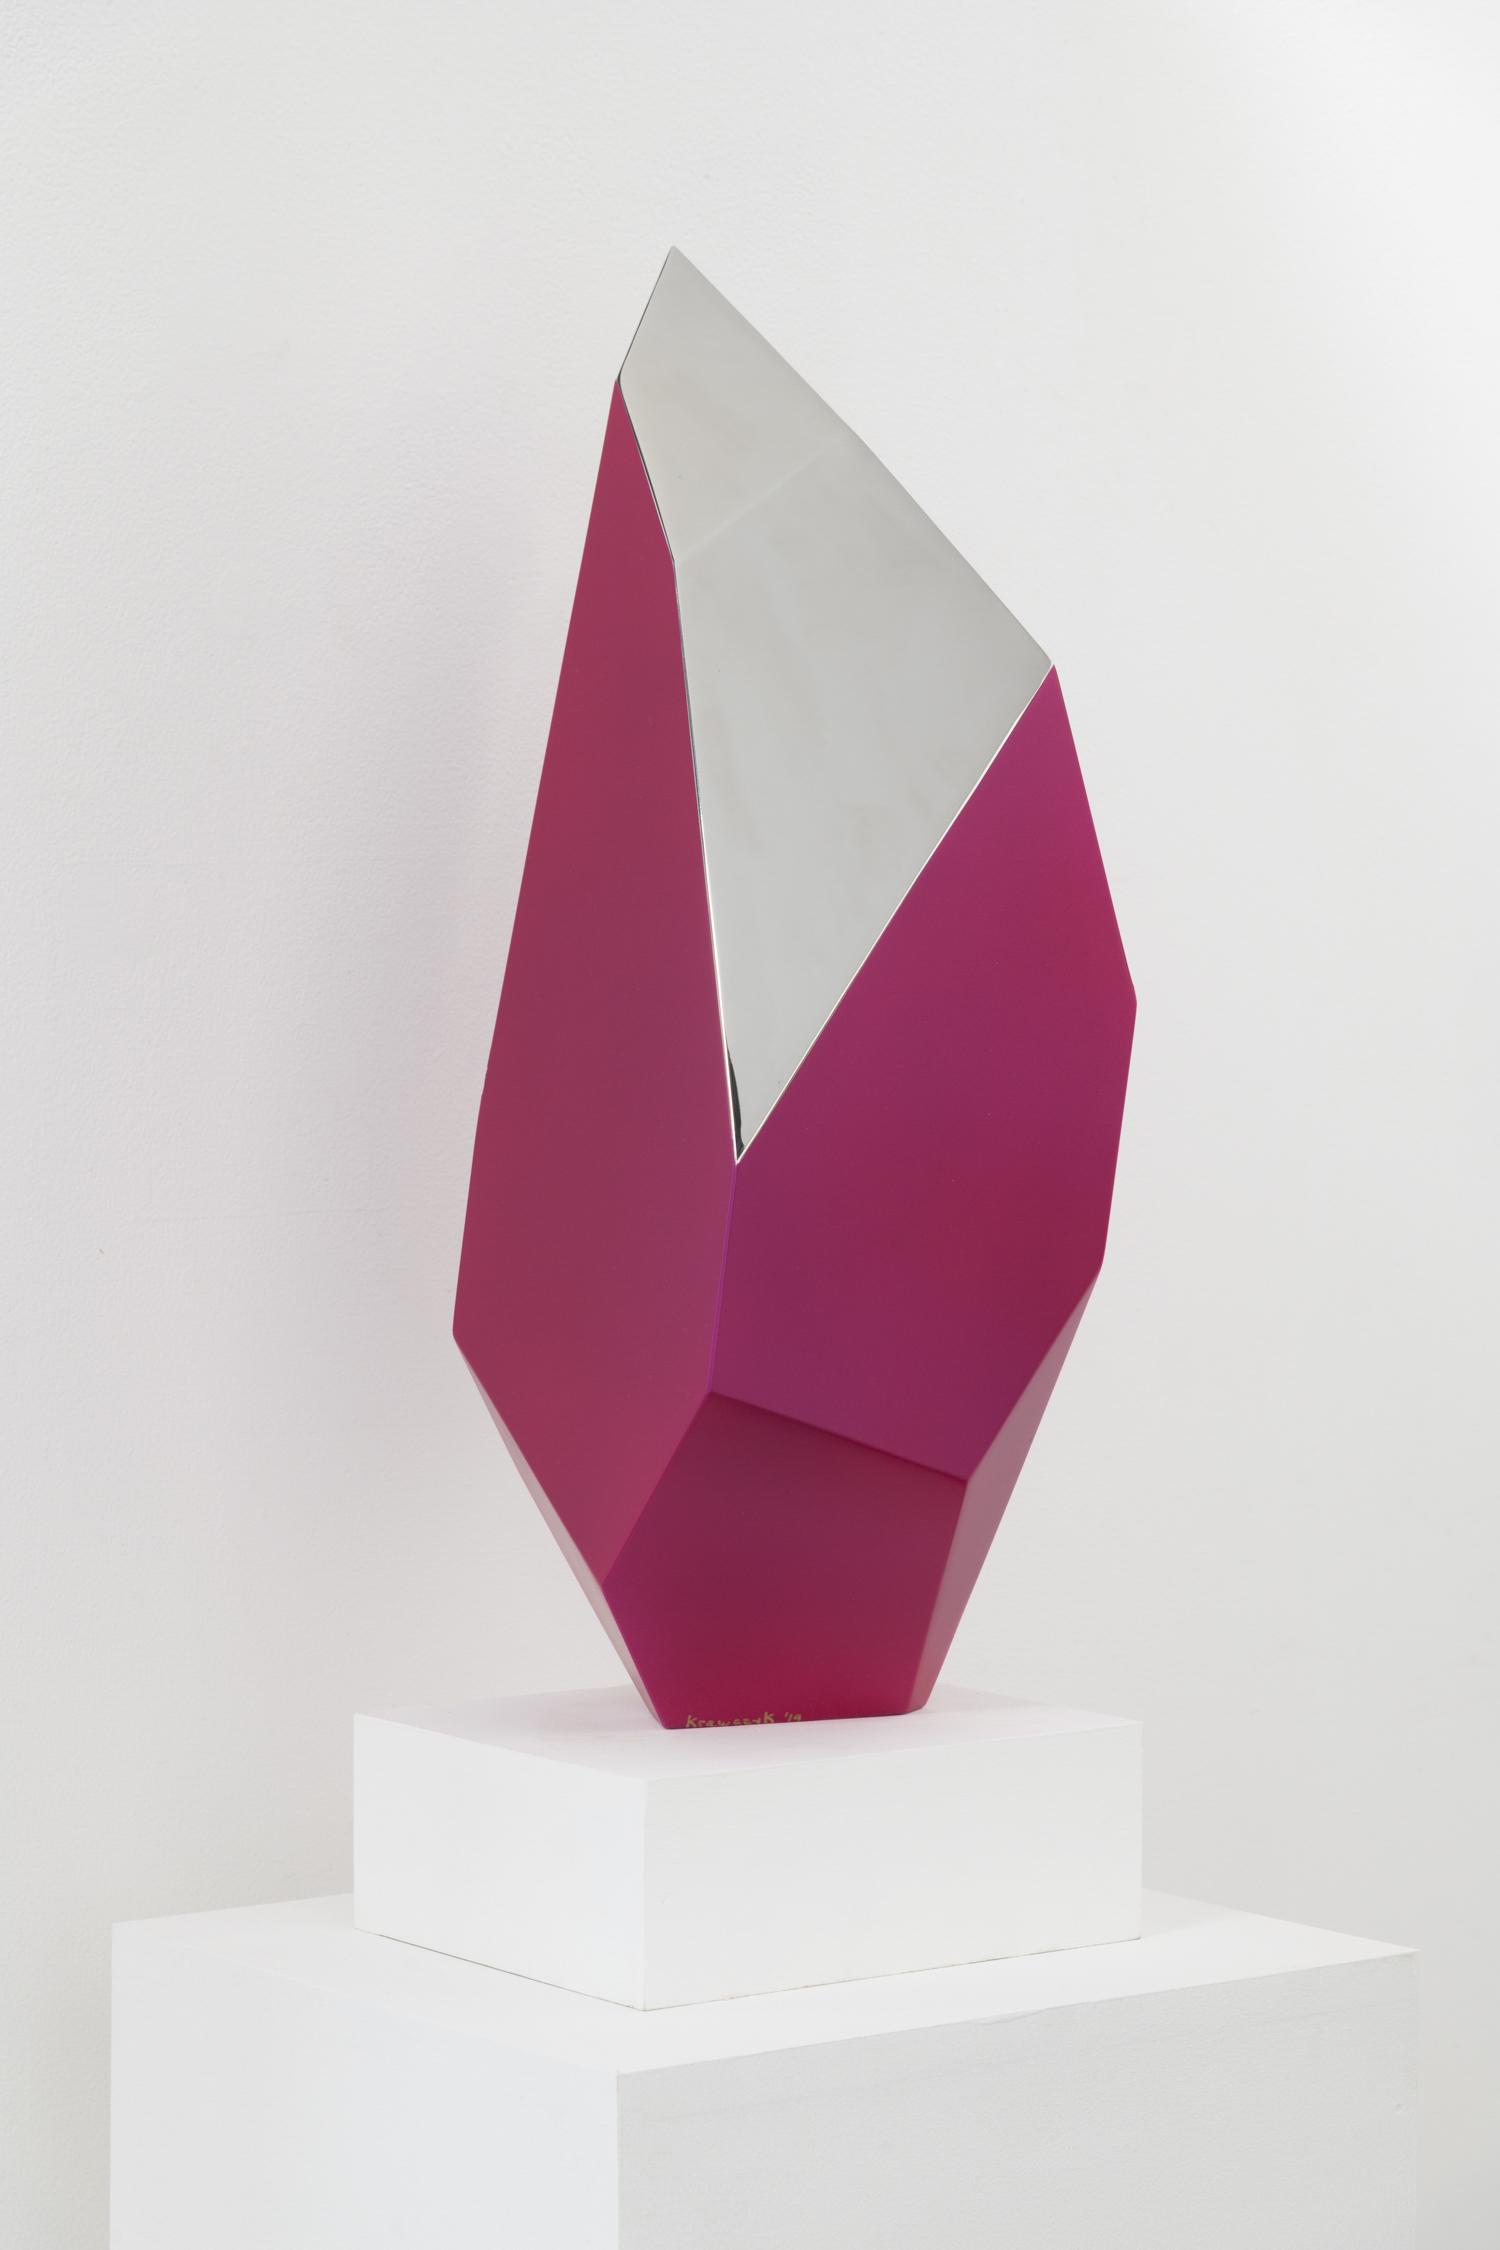 White Claw by Jon Krawczyk